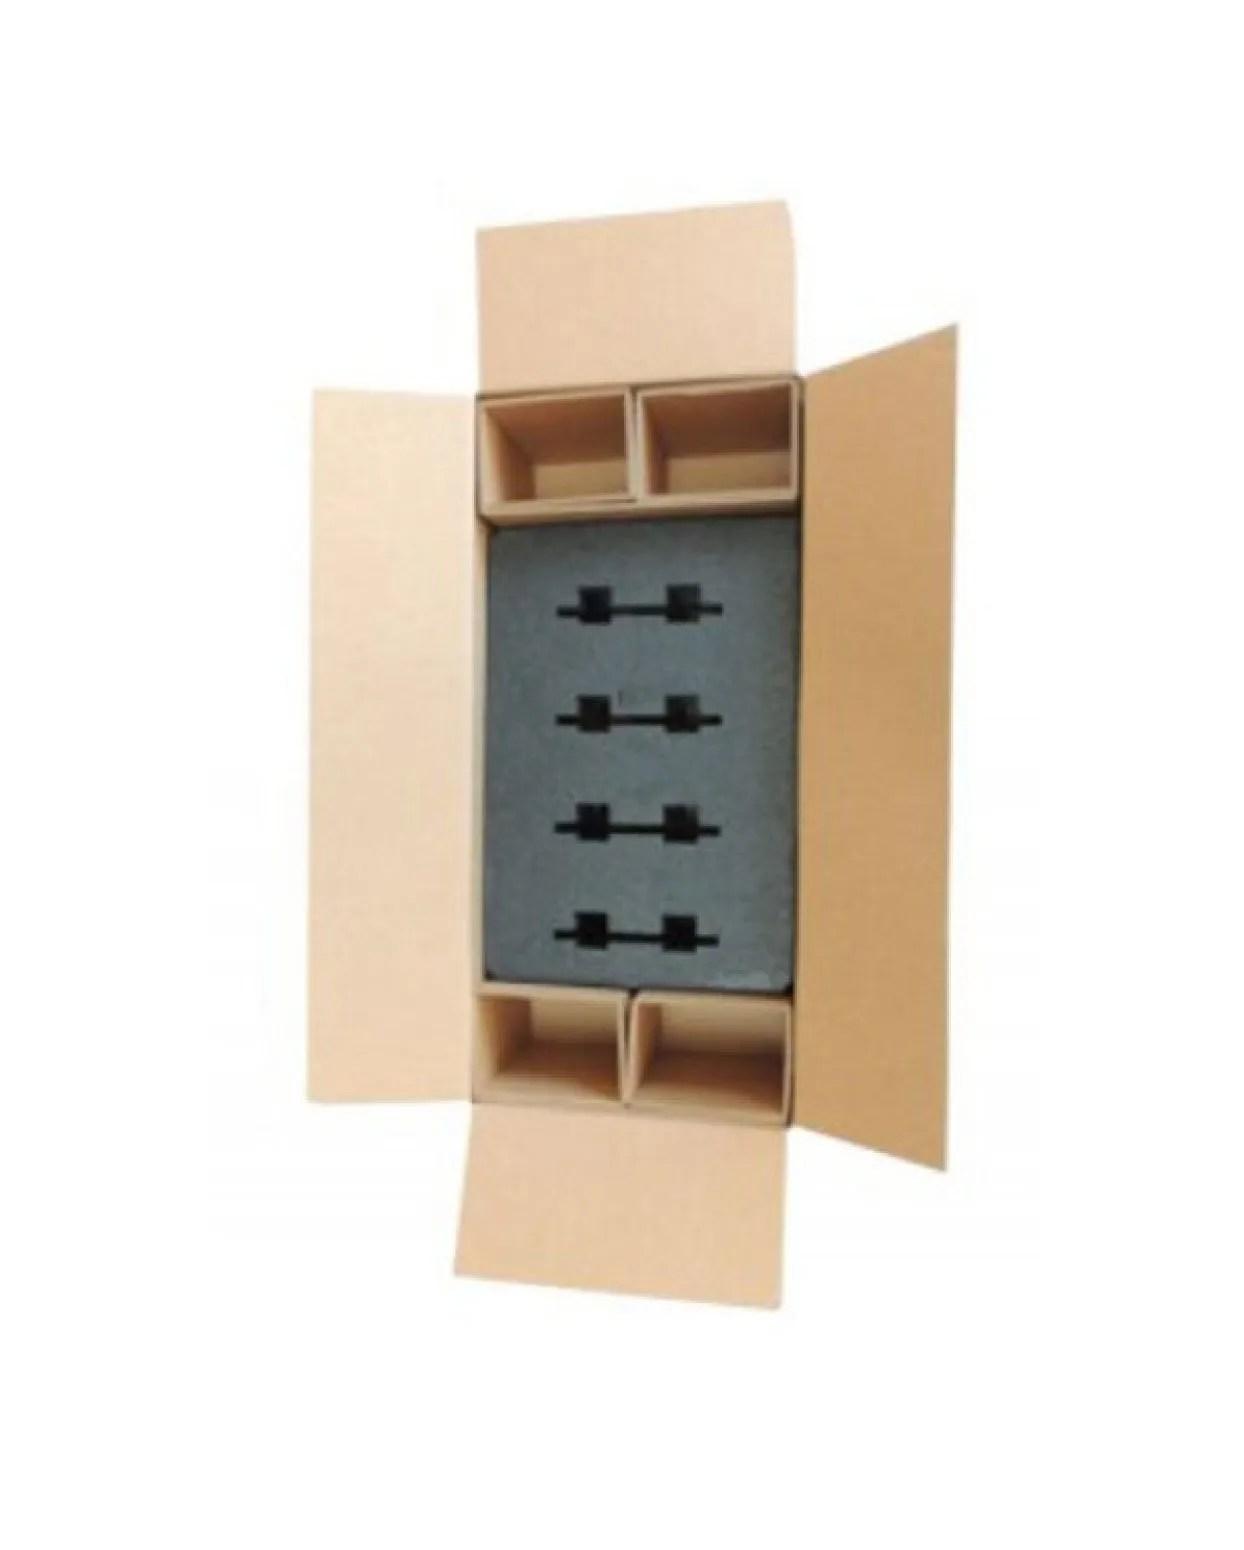 ba51ba20dd1 cortes de goma espuma - calados de goma eva - relleno para packagings -  calados de